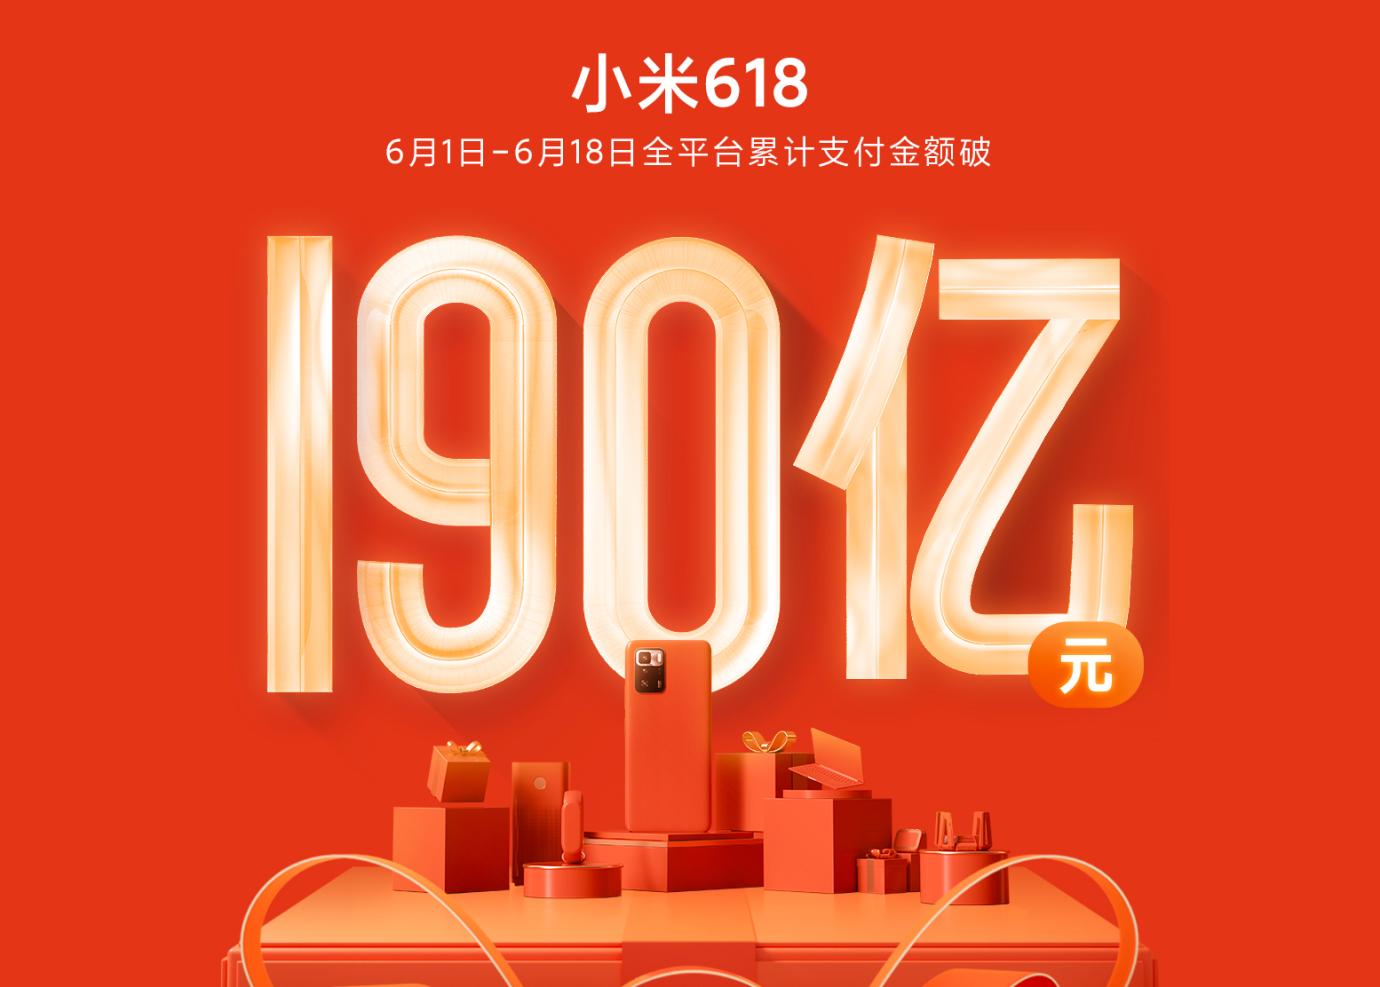 """国产手机""""新王者"""",18天揽获190亿元,正式超越苹果成第一!"""